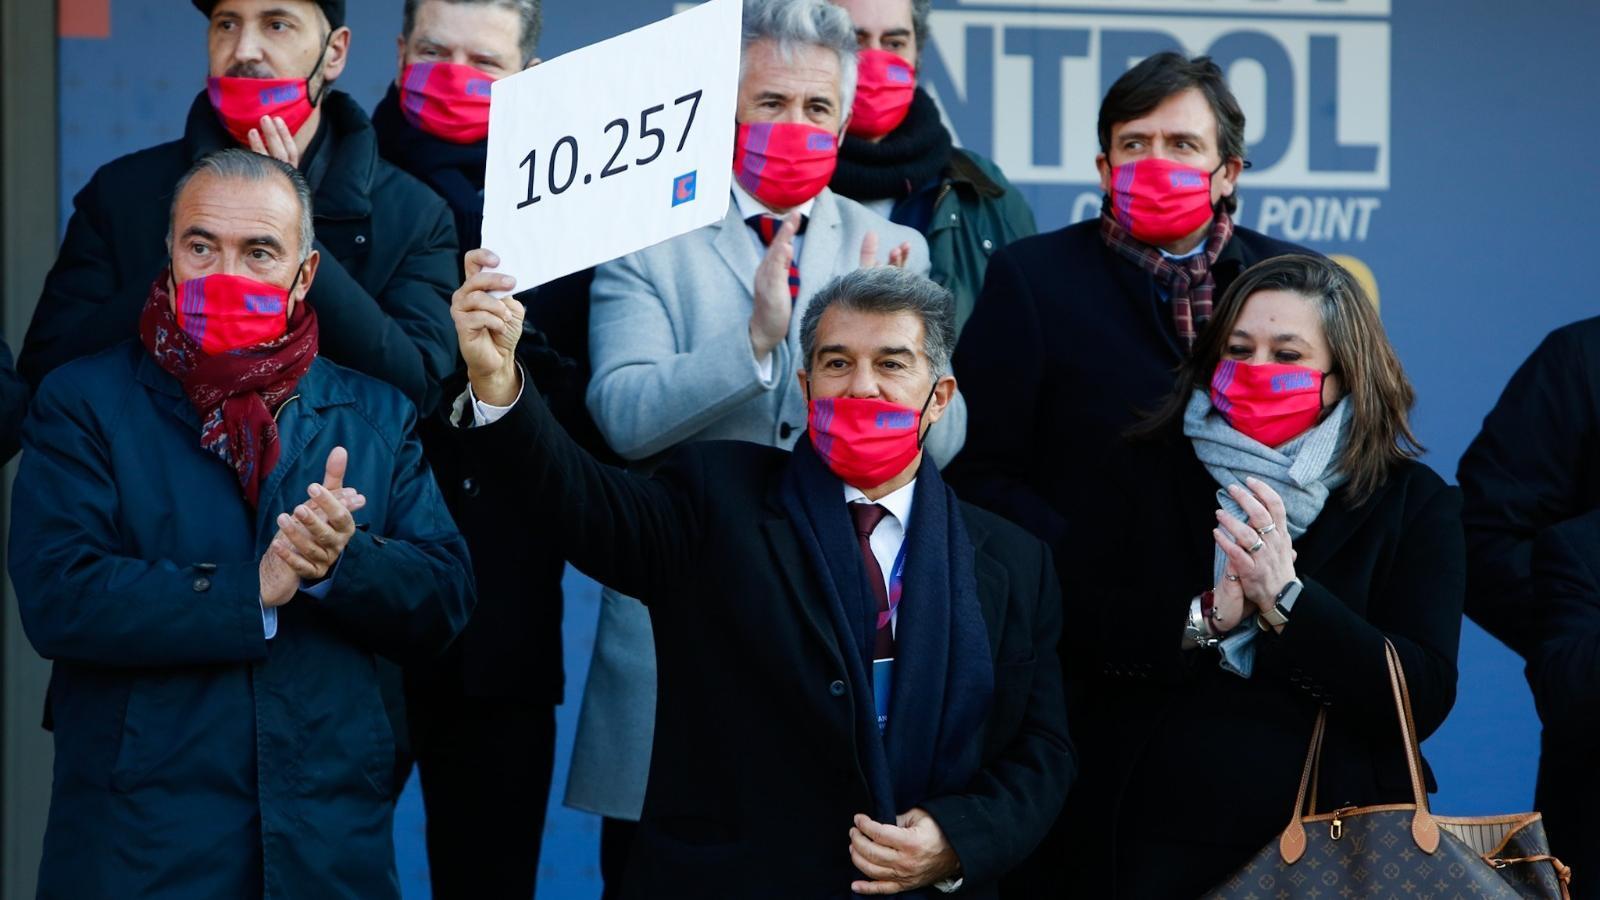 Demostració de força de Laporta amb més de 10.000 signatures